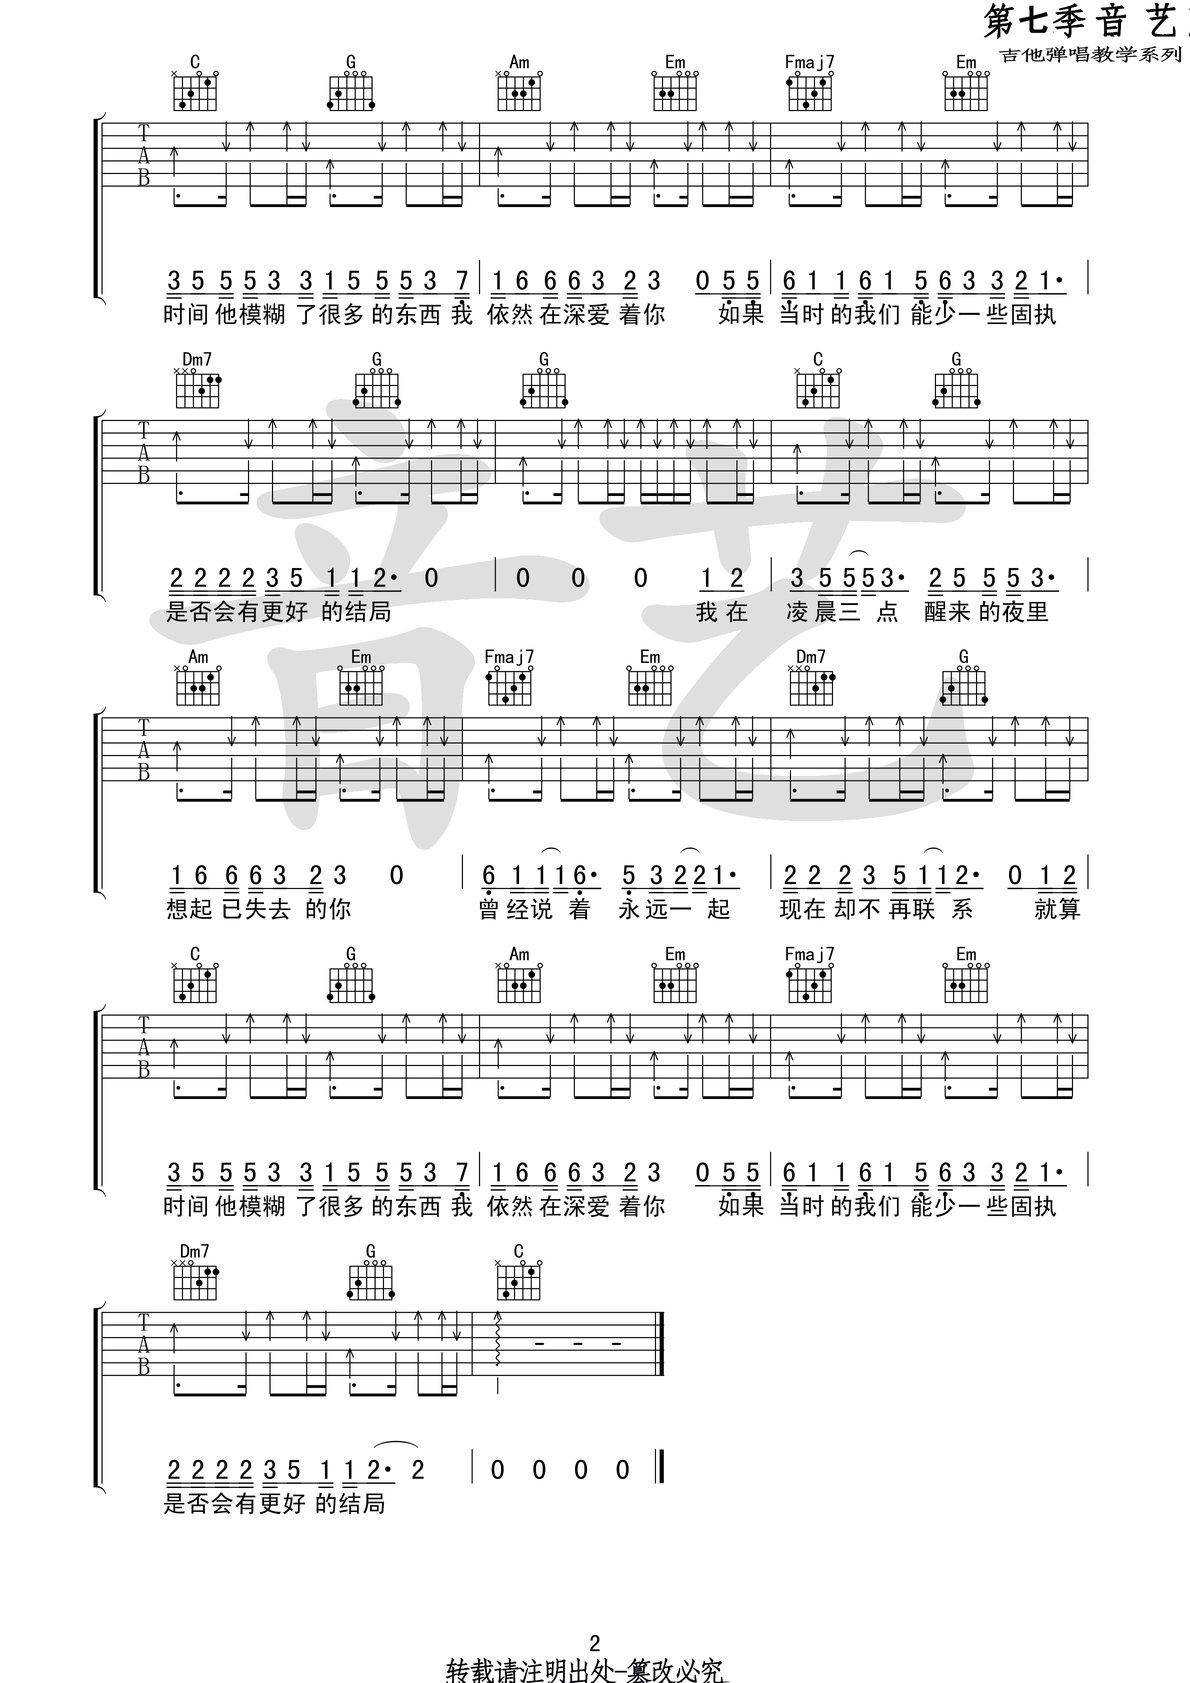 凌晨三點-陳碩子-图片吉他谱-2